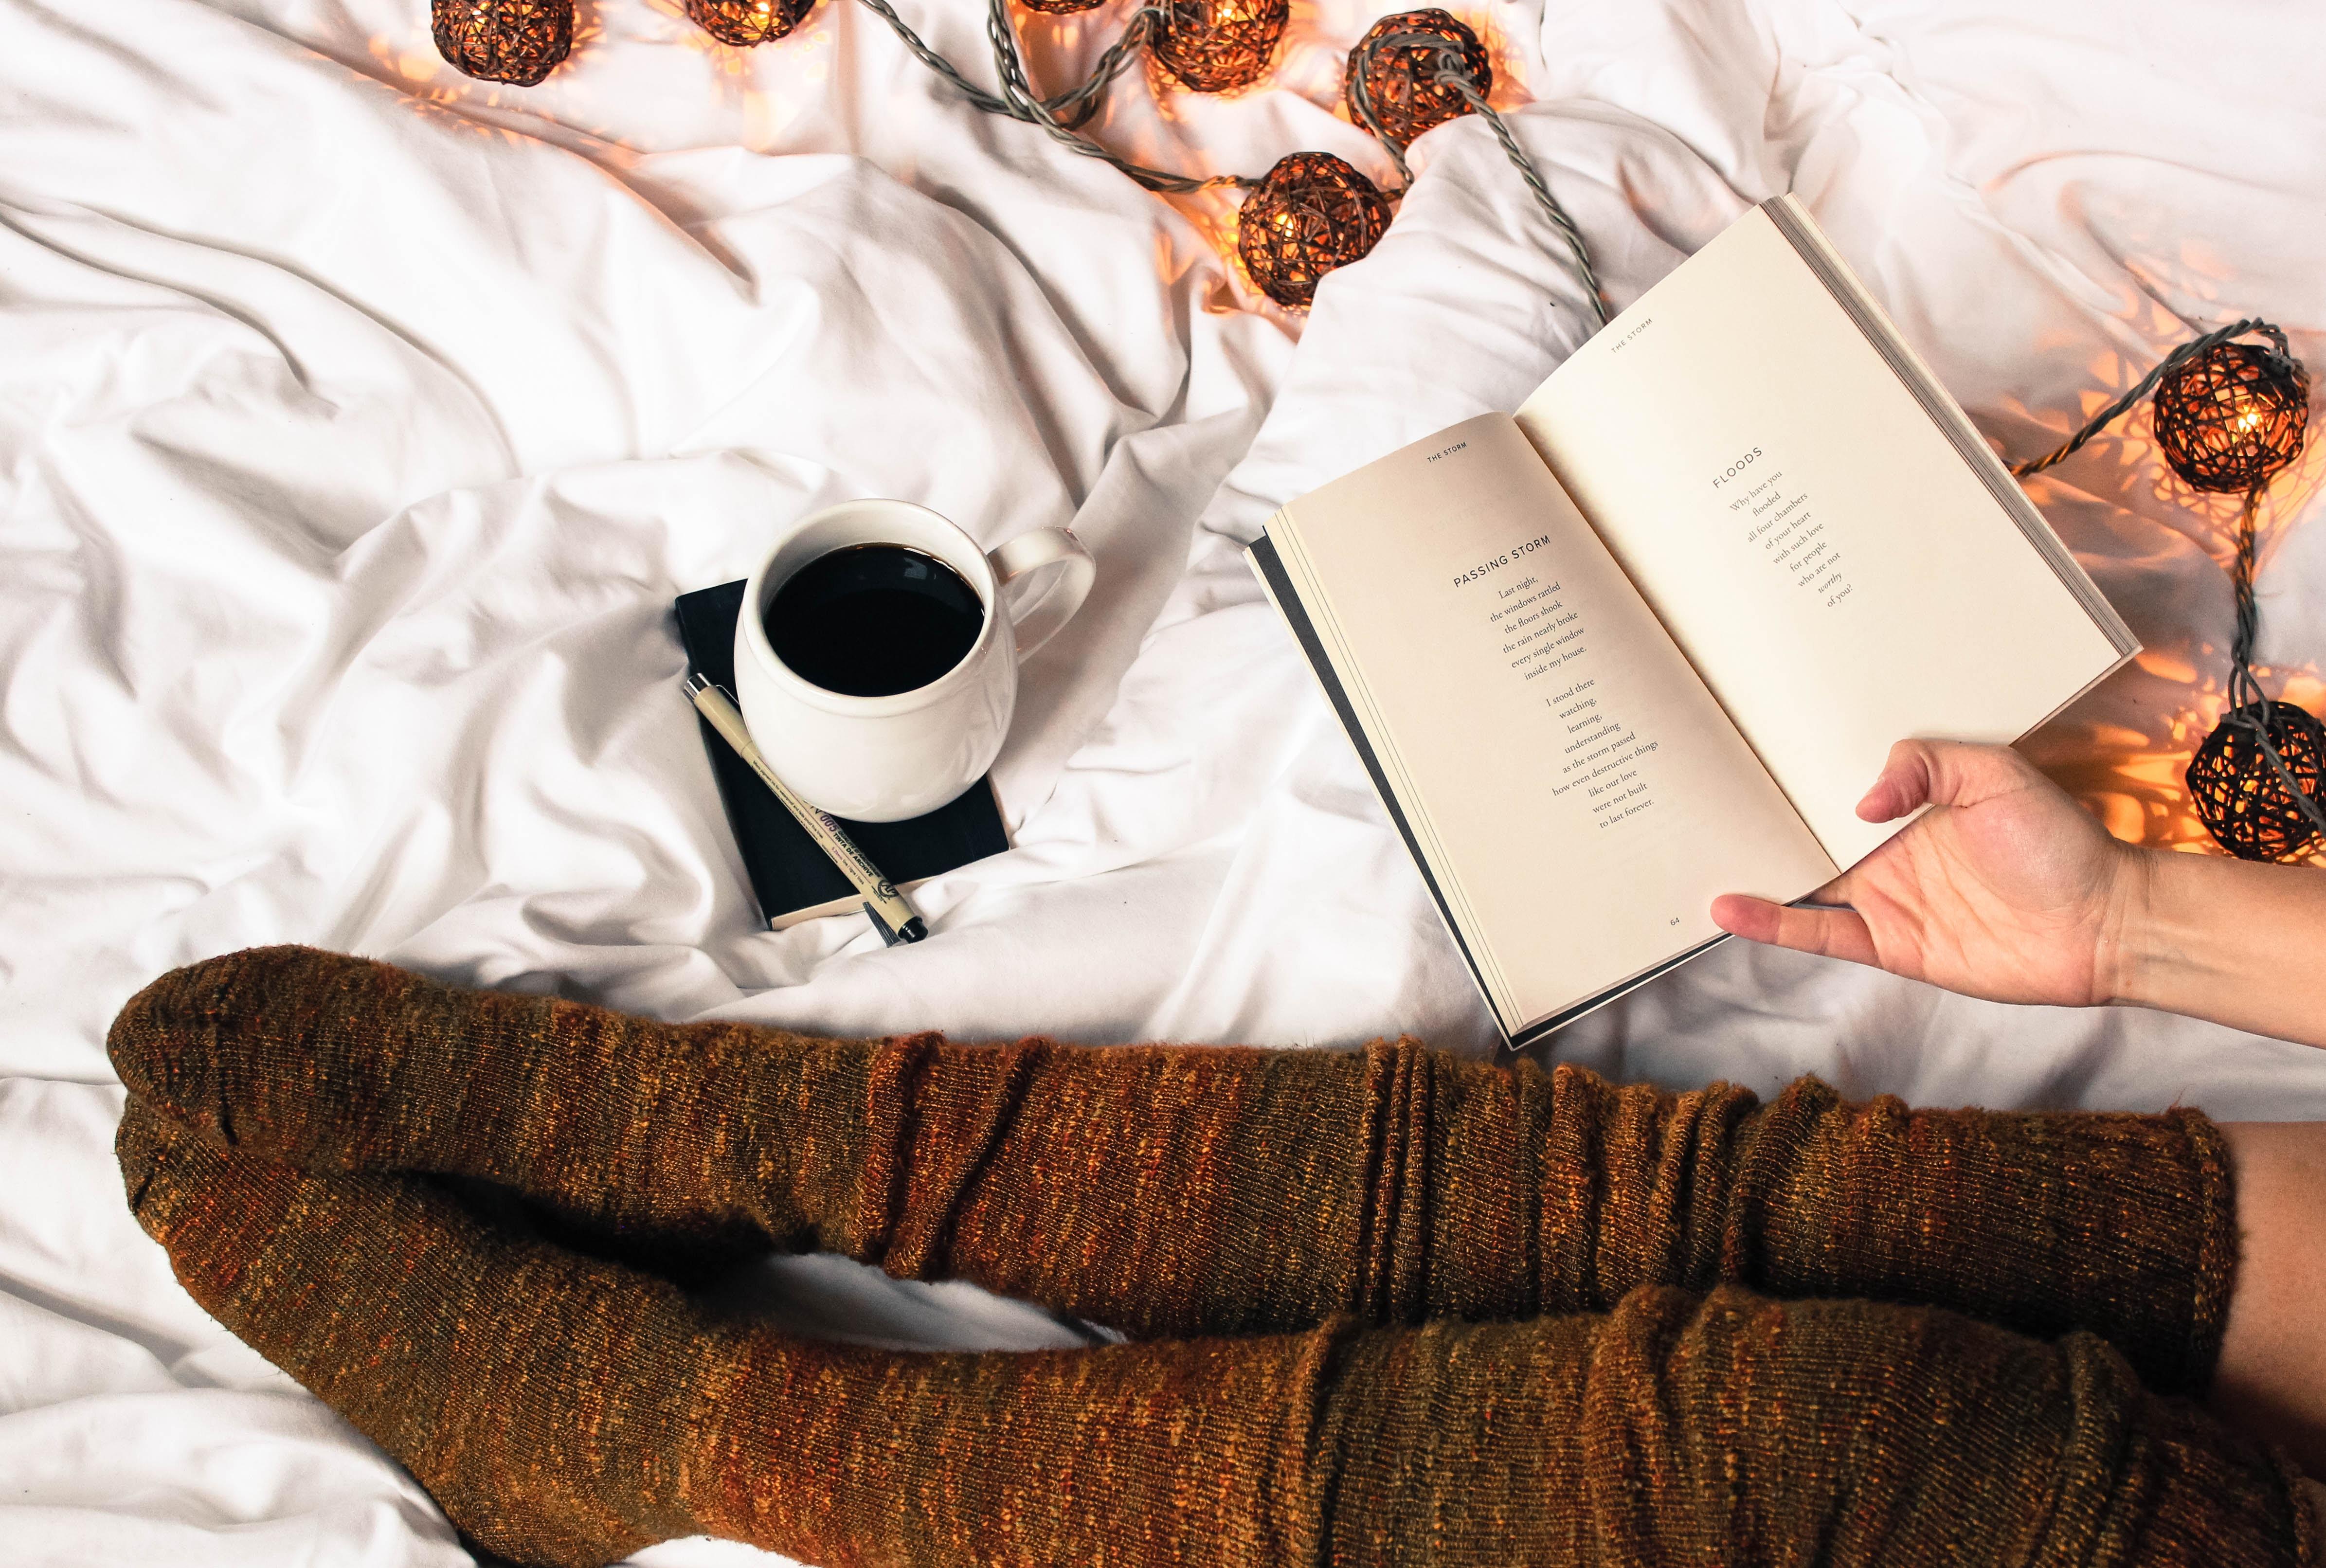 Łóżko na którym siedzi kobieta pijąca kawę i czytająca książke